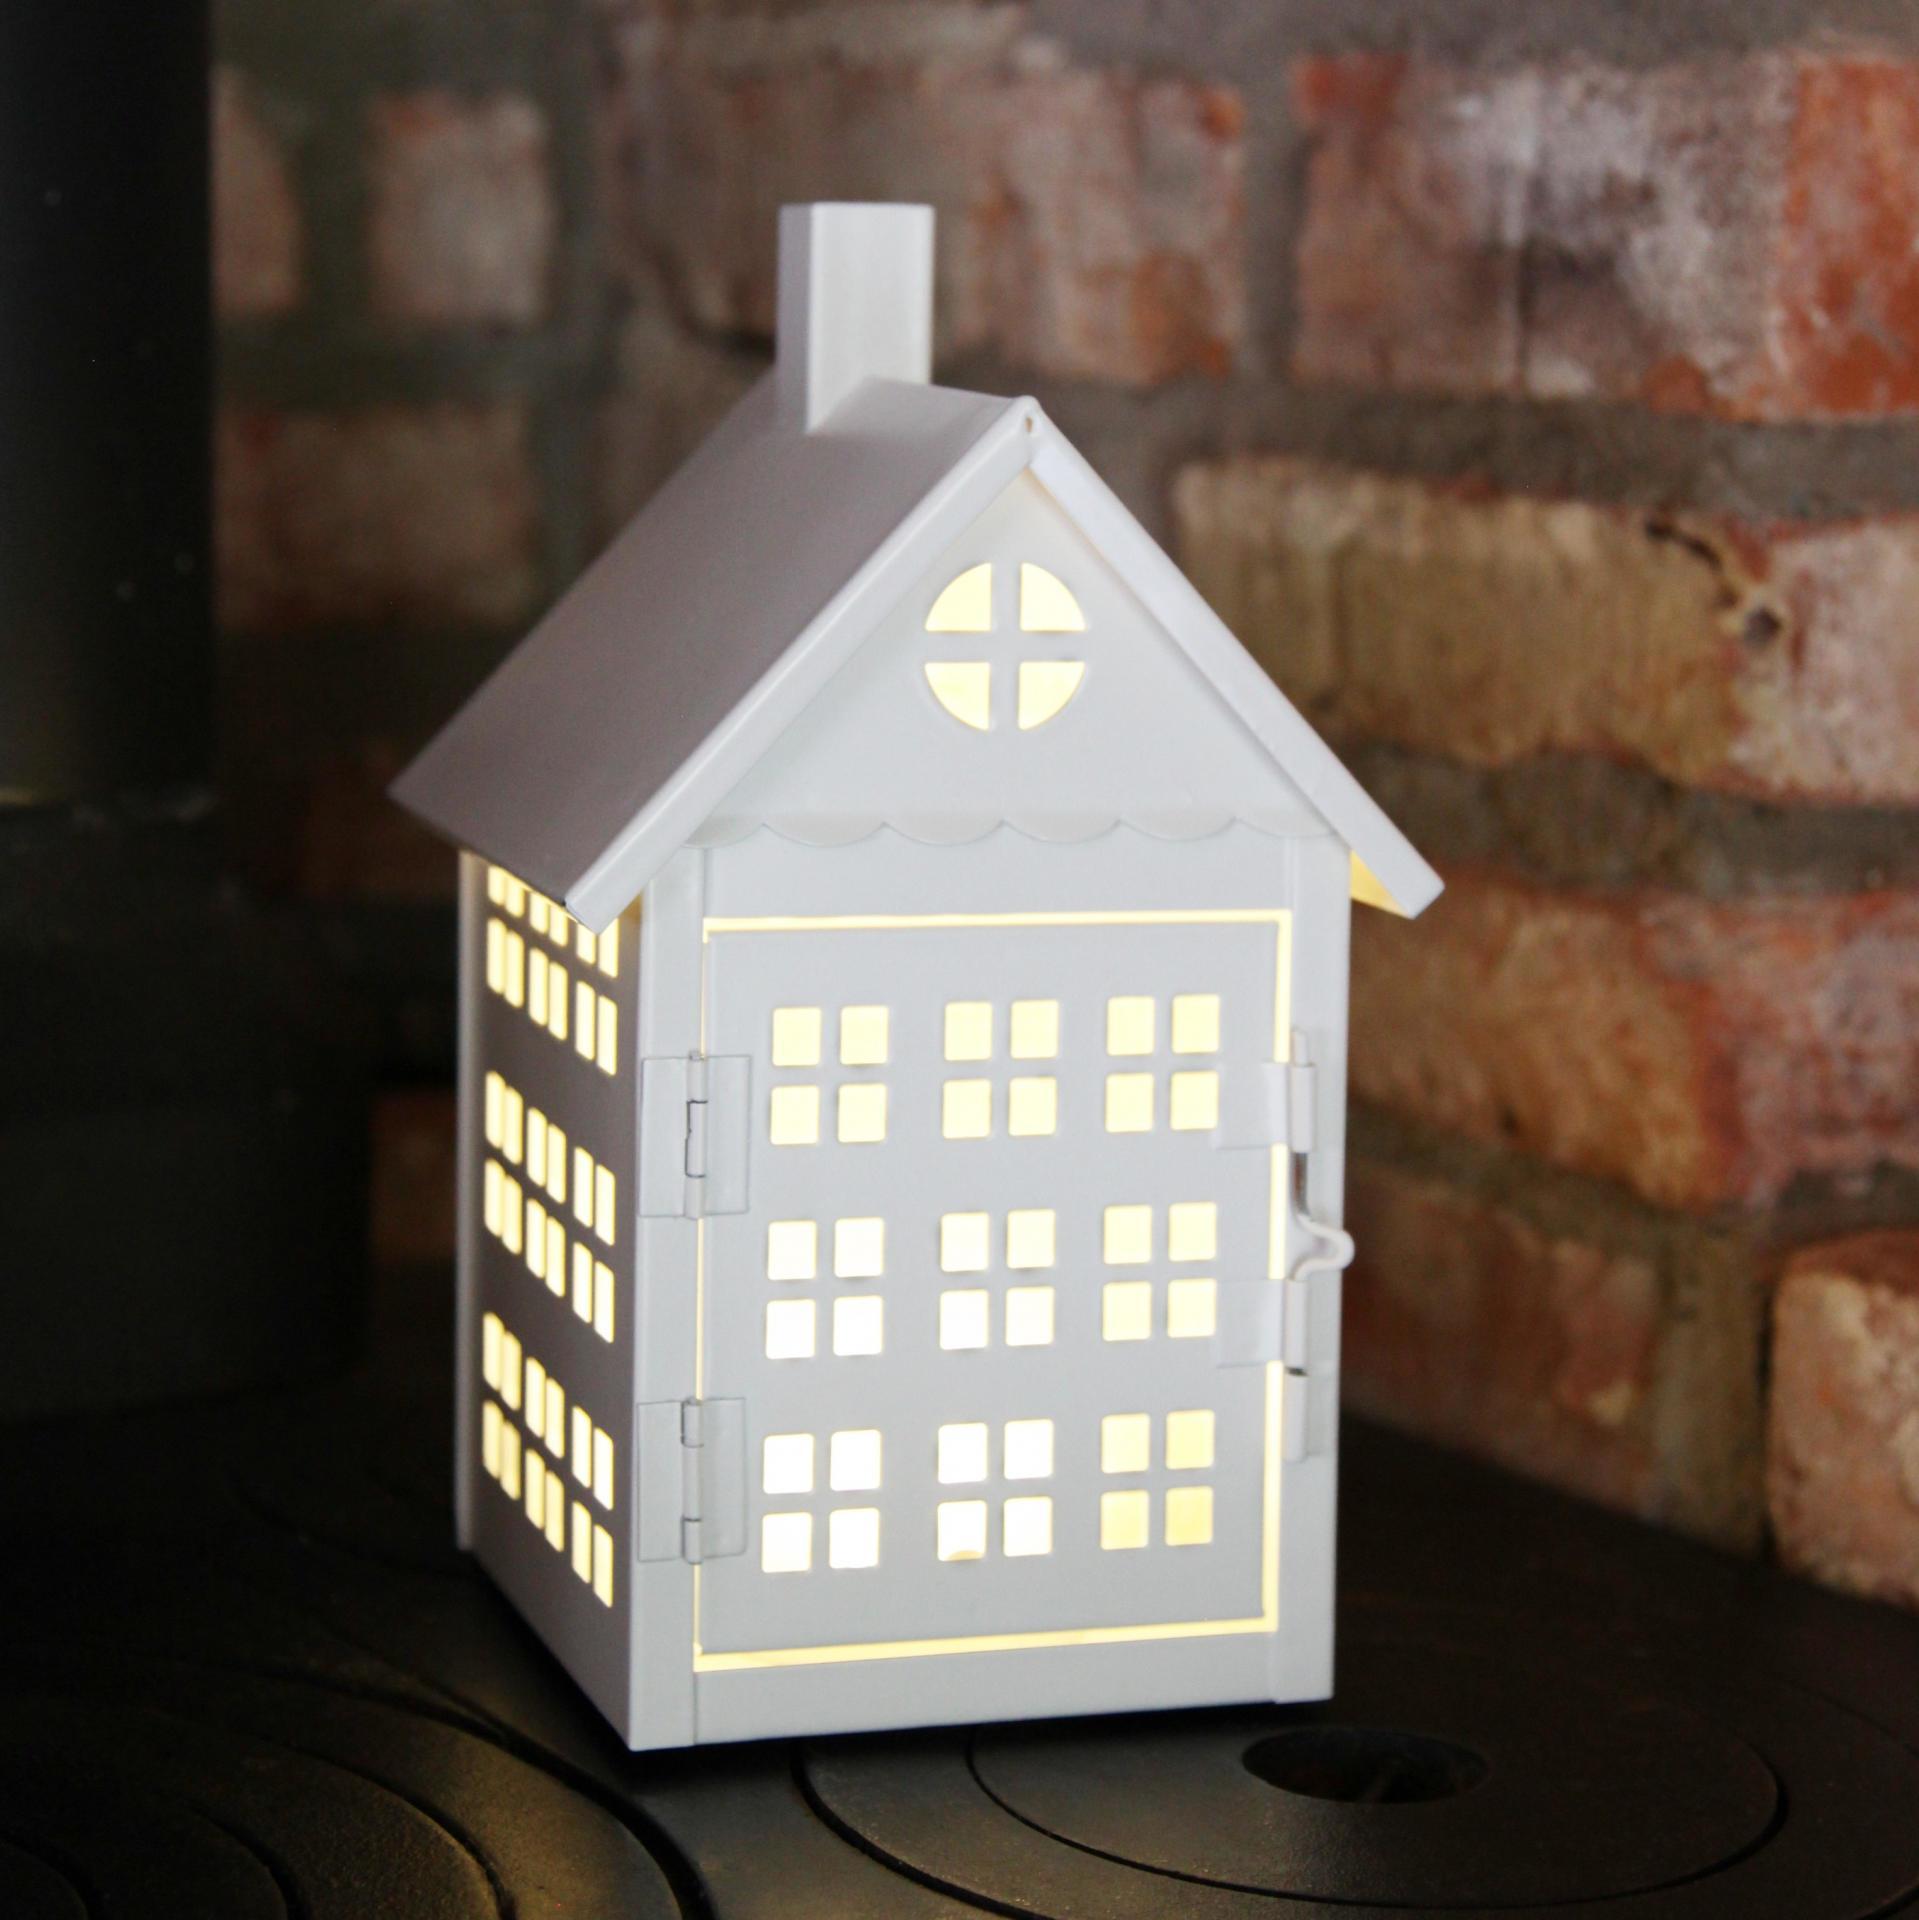 STAR TRADING Plechový LED domeček White, bílá barva, kov